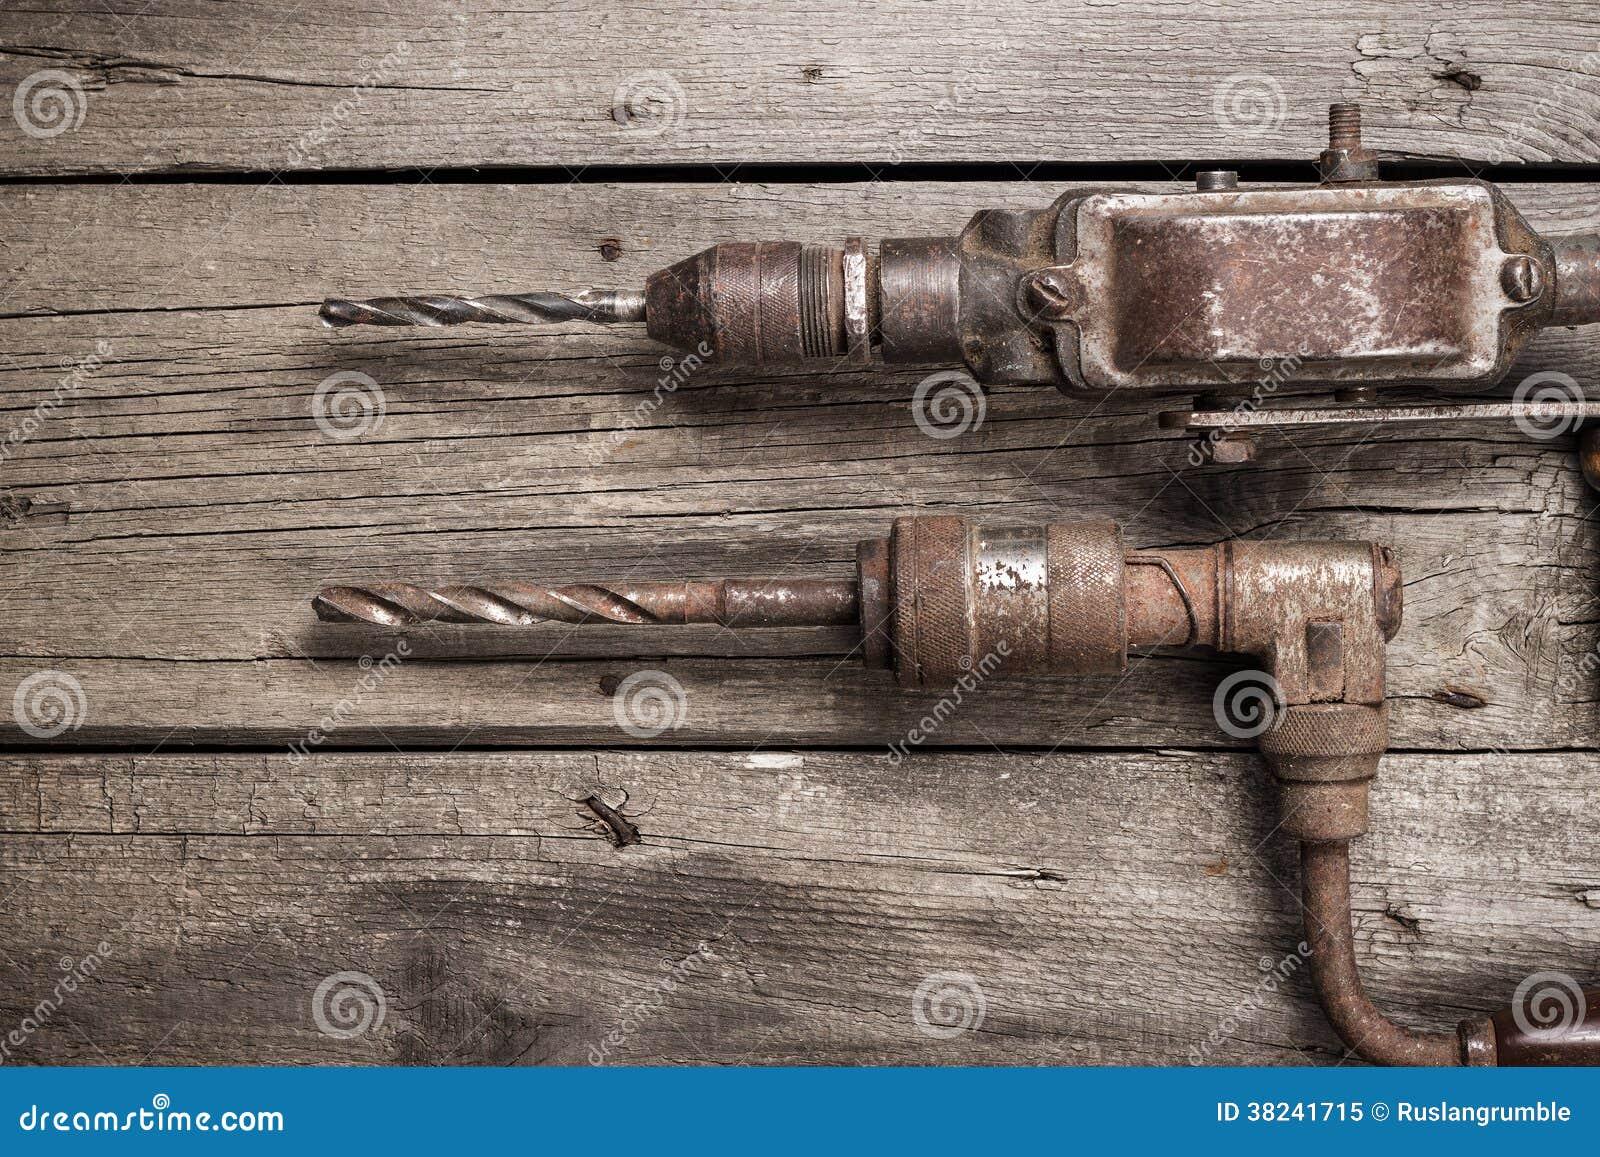 Retro handbohrger te auf holztisch lizenzfreies stockfoto for Holztisch retro